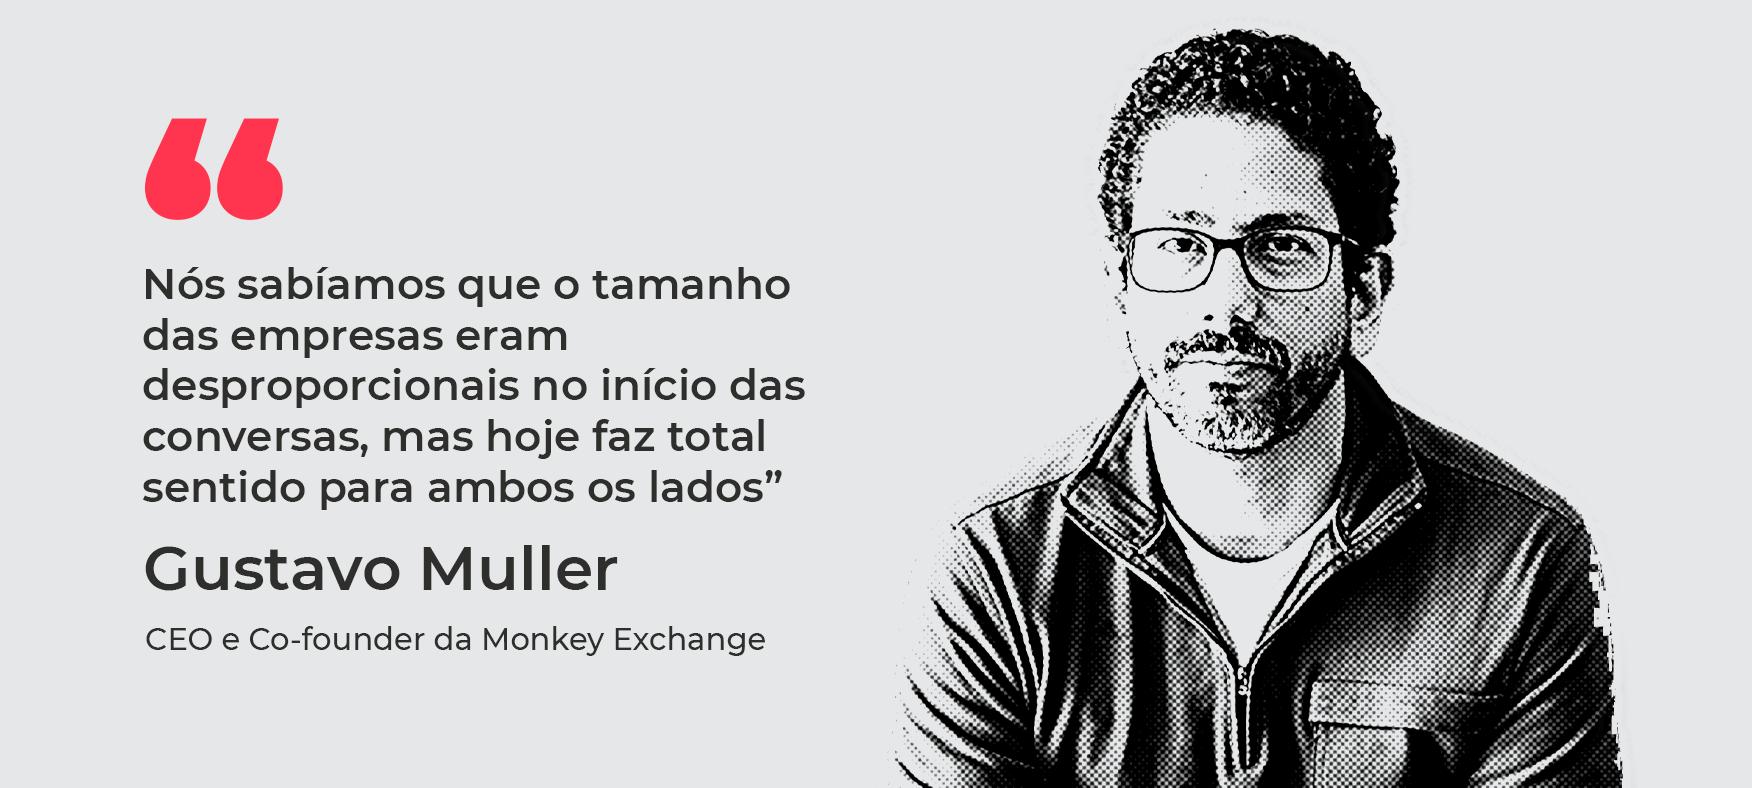 """""""Nós sabíamos que o tamanho das empresas eram desproporcionais no início das conversas, mas hoje faz total sentido para ambos os lados"""" Gustavo Muller, CEO e Co-founder da Monkey Exchange"""